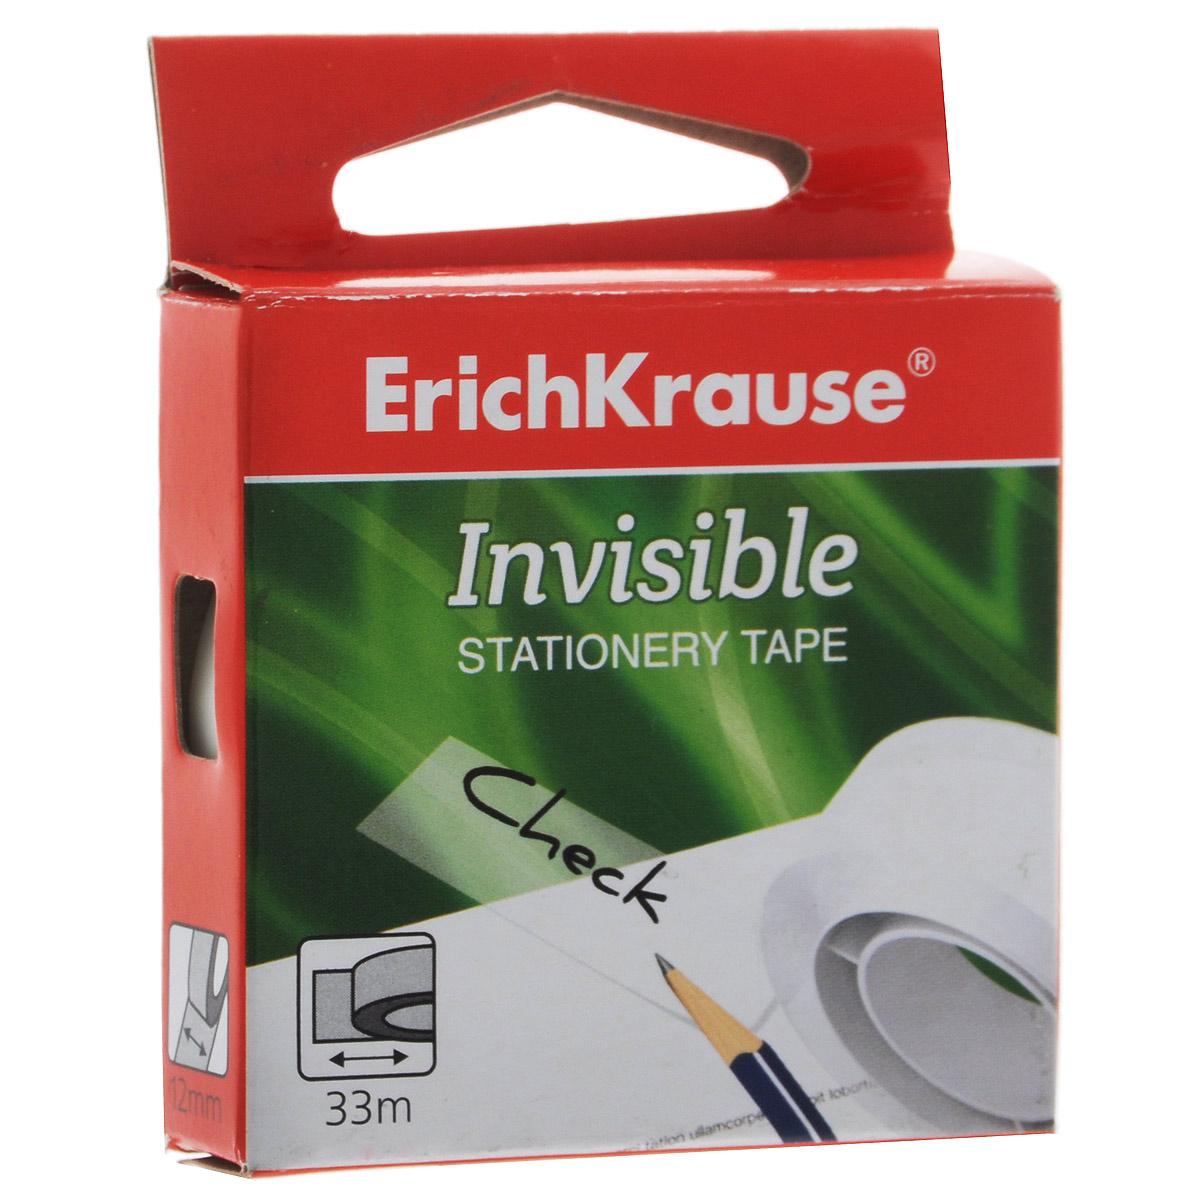 Клейкая лента Erich Krause Invisible, цвет: белый36924Клейкая лента Erich Crause Invisible - универсальный помощник в доме и офисе. Лента предназначена для склеивания документов, упаковки, картона, имеет сильный клеящий состав. Матовая поверхность позволяет писать на ней.